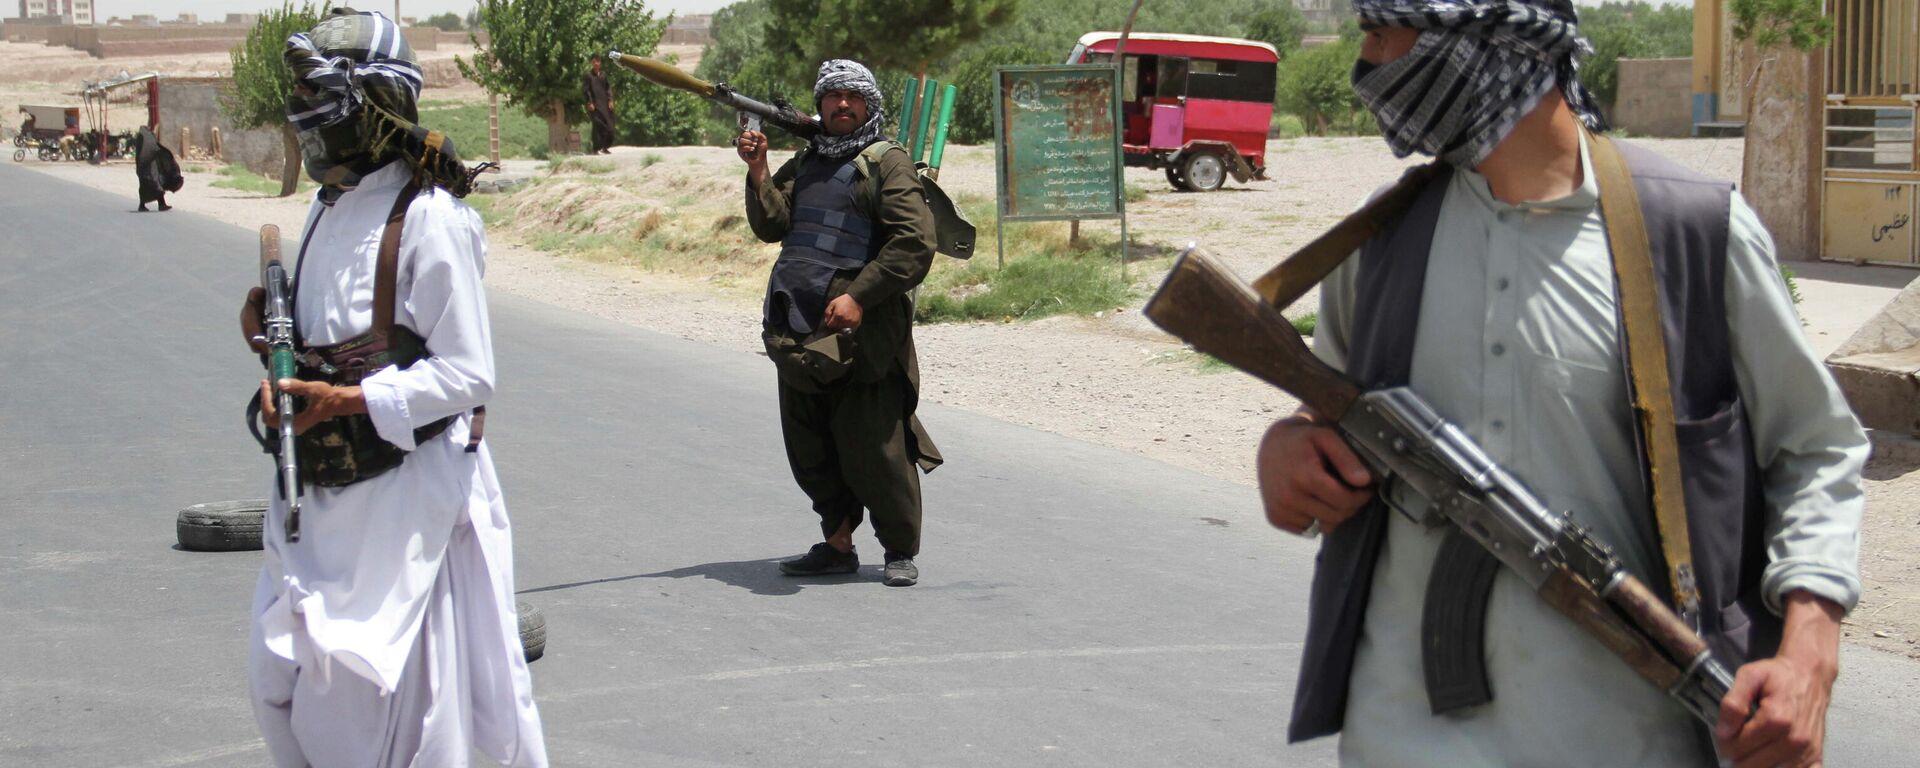 Бывшие моджахеды держат оружие, чтобы поддержать афганские силы в их борьбе против талибов - Sputnik Таджикистан, 1920, 07.08.2021